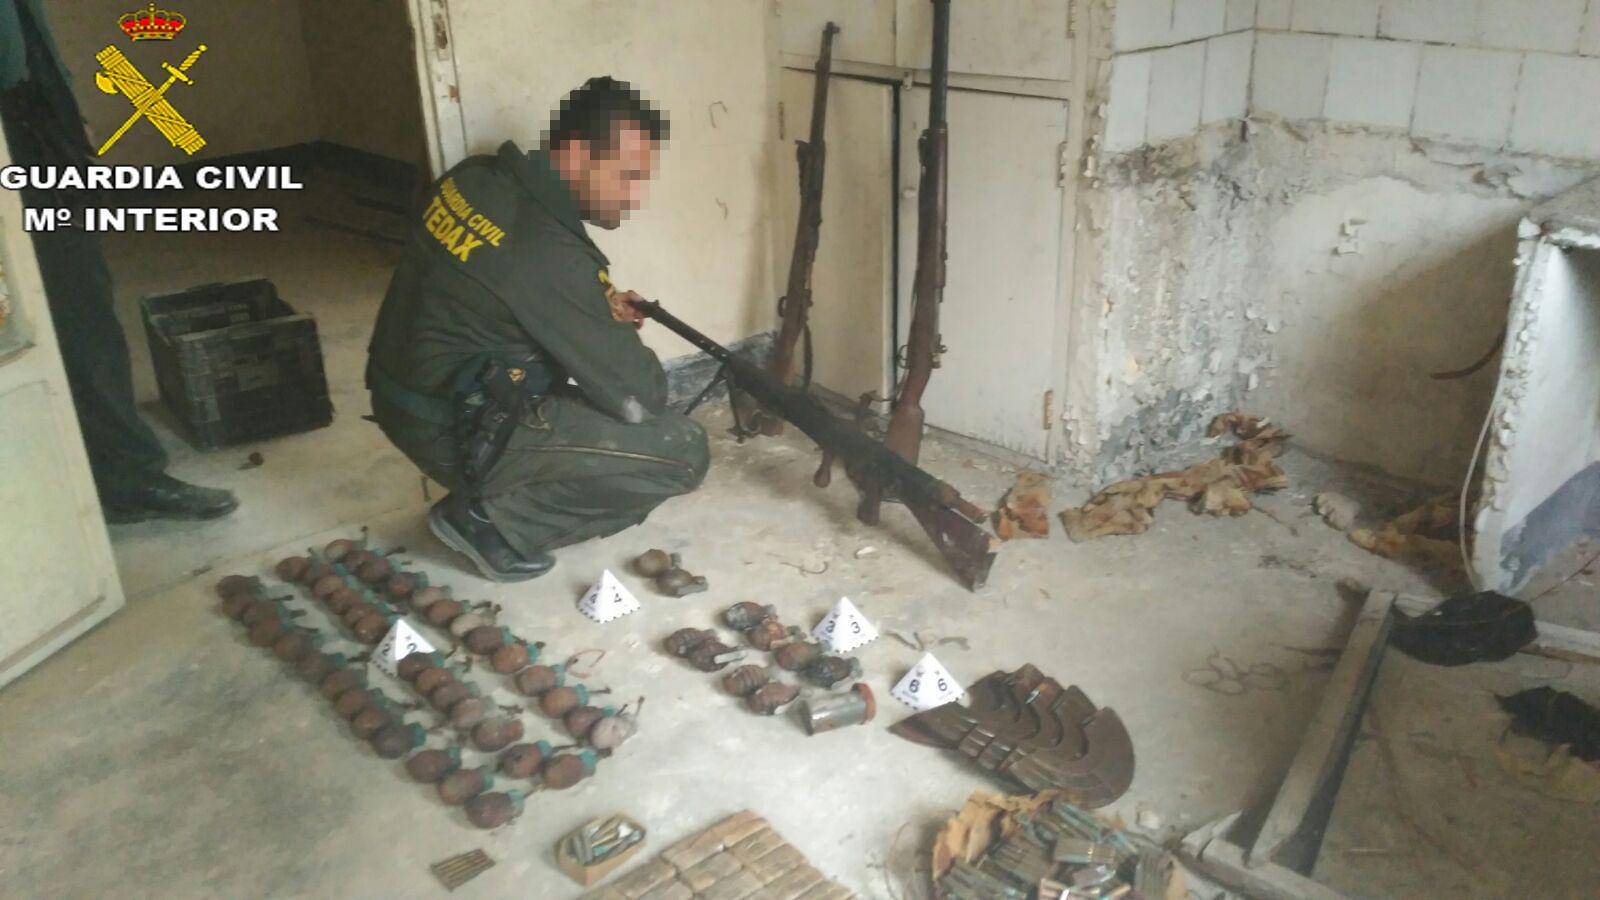 El Equipo de Desactivación de explosivos de la Guardia Civil de Valencia retiro de entre los escombros de una falsa pared, 2 mosquetones Mauser modelos 1906 y 1912, una ametralladora ligera, 50 granadas de mano y 772 cartuchos metálicos de 7.57 mm y 8 mm.